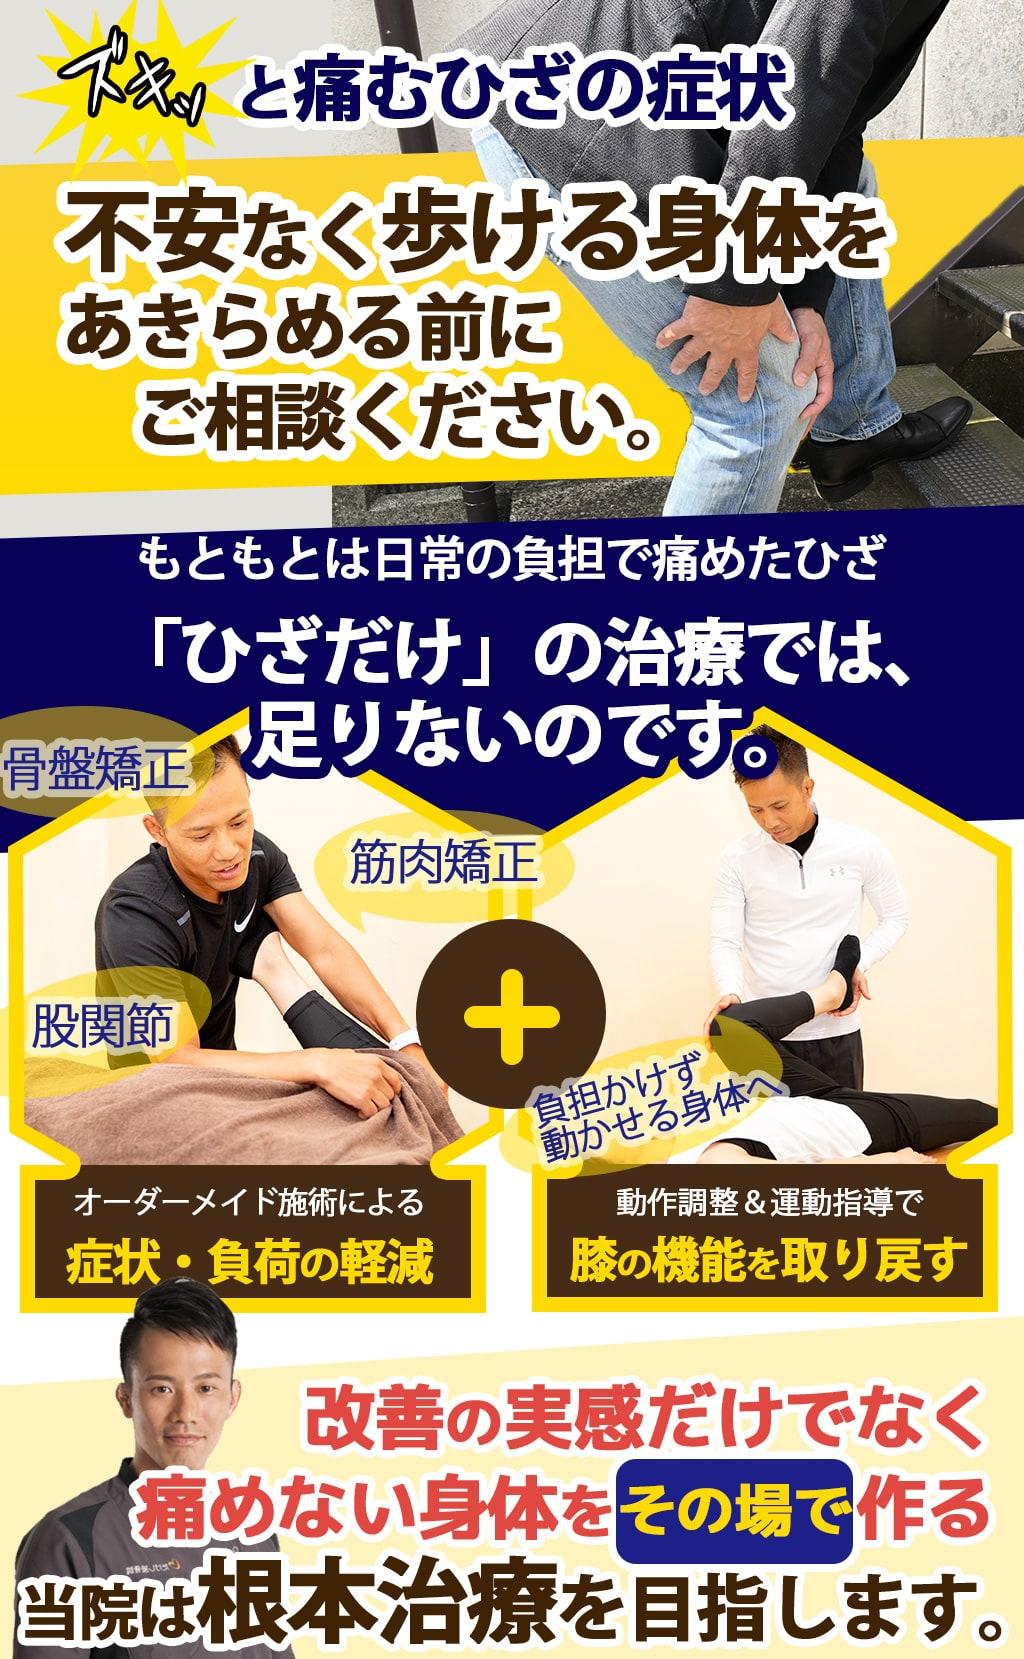 ズキッと痛むひざの症状不安なく歩ける身体をあきらめる前にご相談ください。